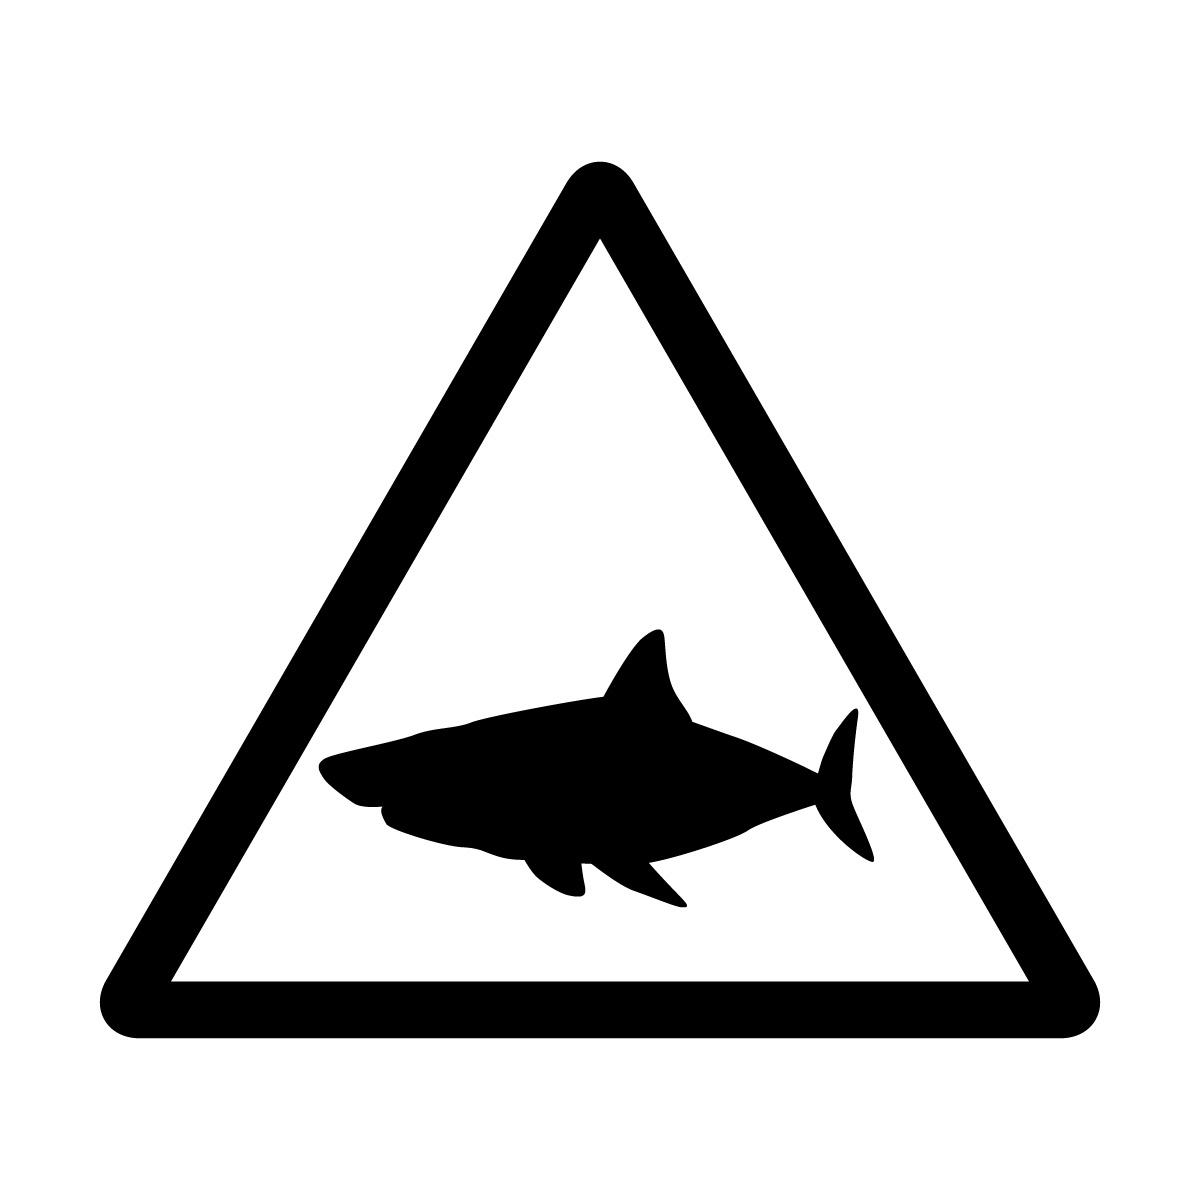 黒色のサメ出没注意マークのカッティングステッカー・シール